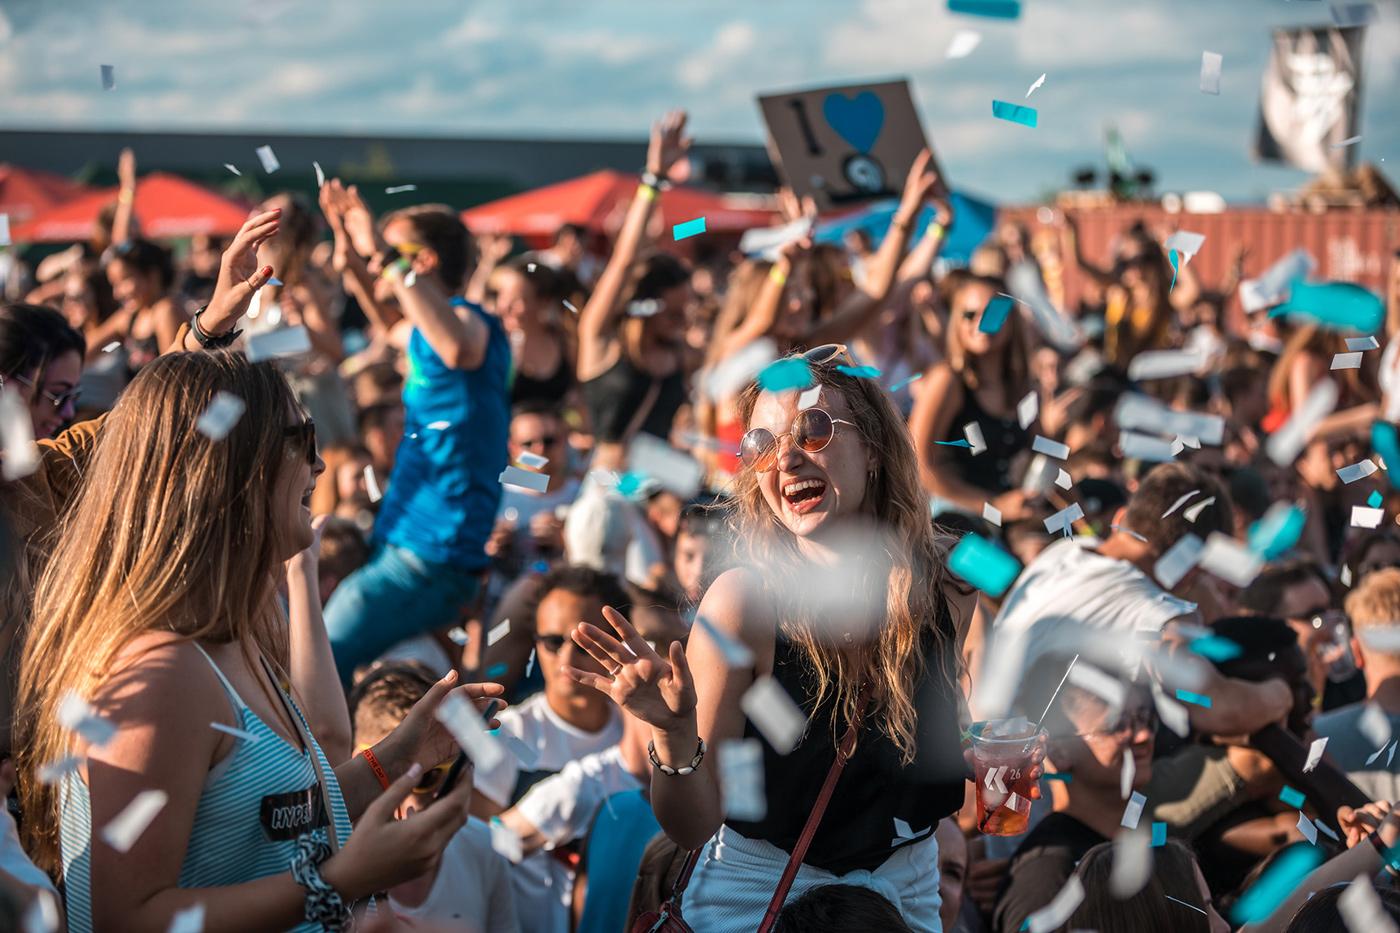 Dolan Beats Festival 2020